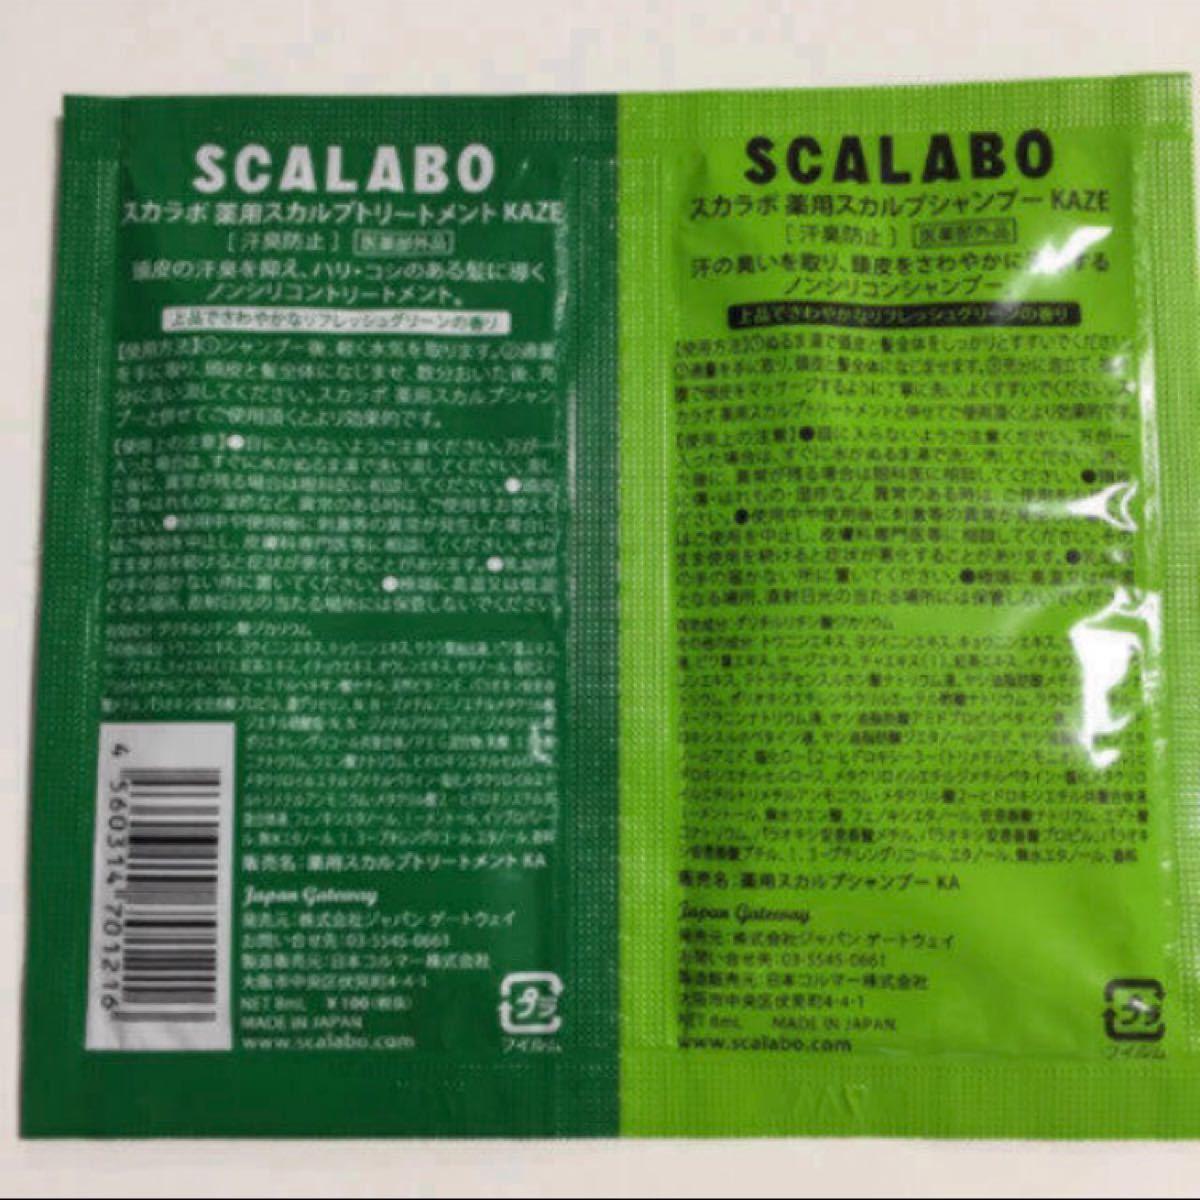 スカラボ薬用スカルプシャンプー&トリートメント KAZE 24個